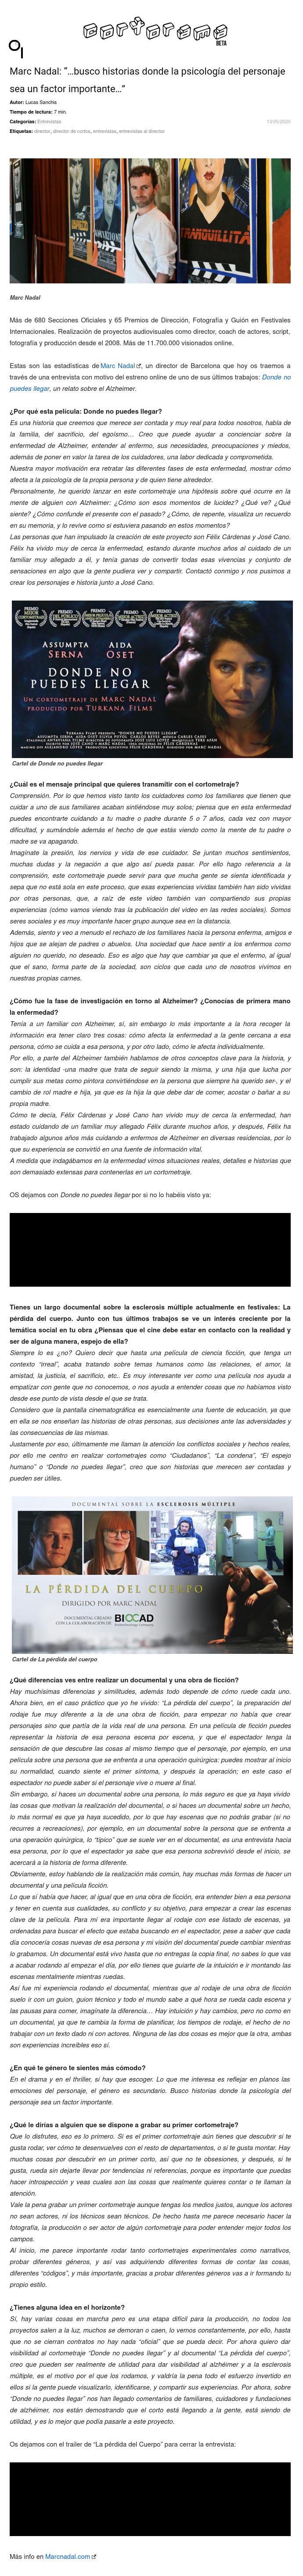 Entrevista Cortorama